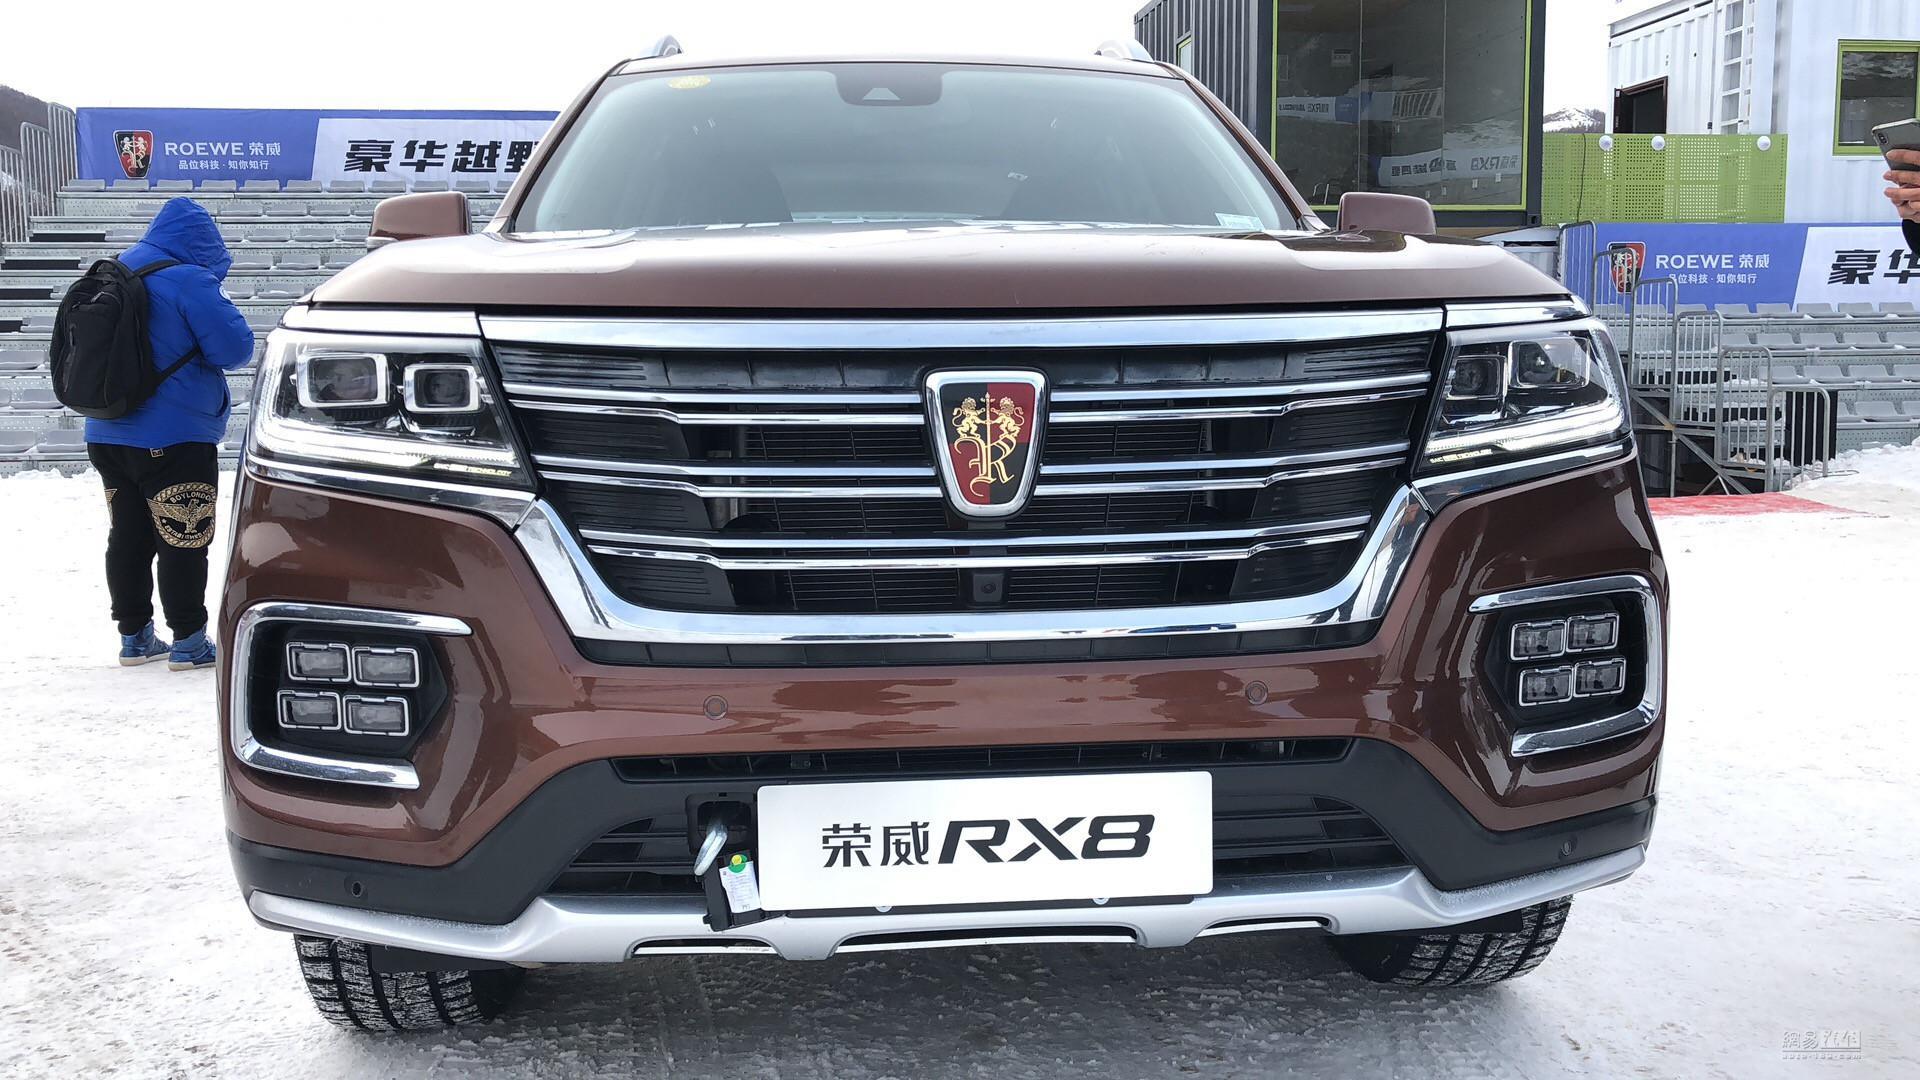 豪华越野/中大型SUV RX8 30T四驱版亮相